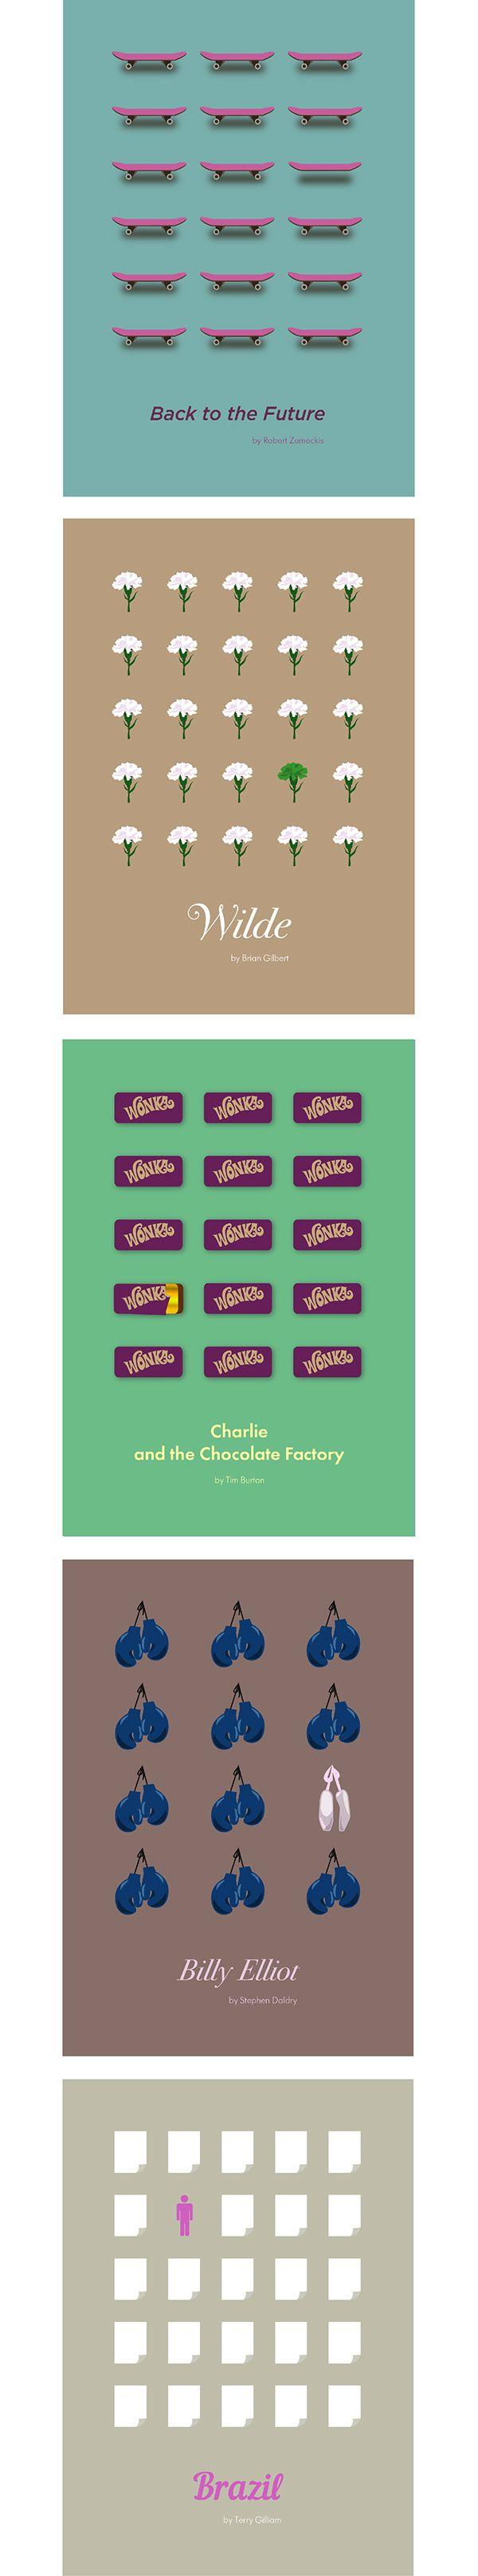 """Series of minimal movie posters, project for British Higher School of Art and DesignМинималистичные постеры к фильмам """"Назад в будущее"""", """"Уайльд"""", """"Чарли и шоколадная фабрика"""", """"Билли Эллиот"""" и """"Бразилия""""."""